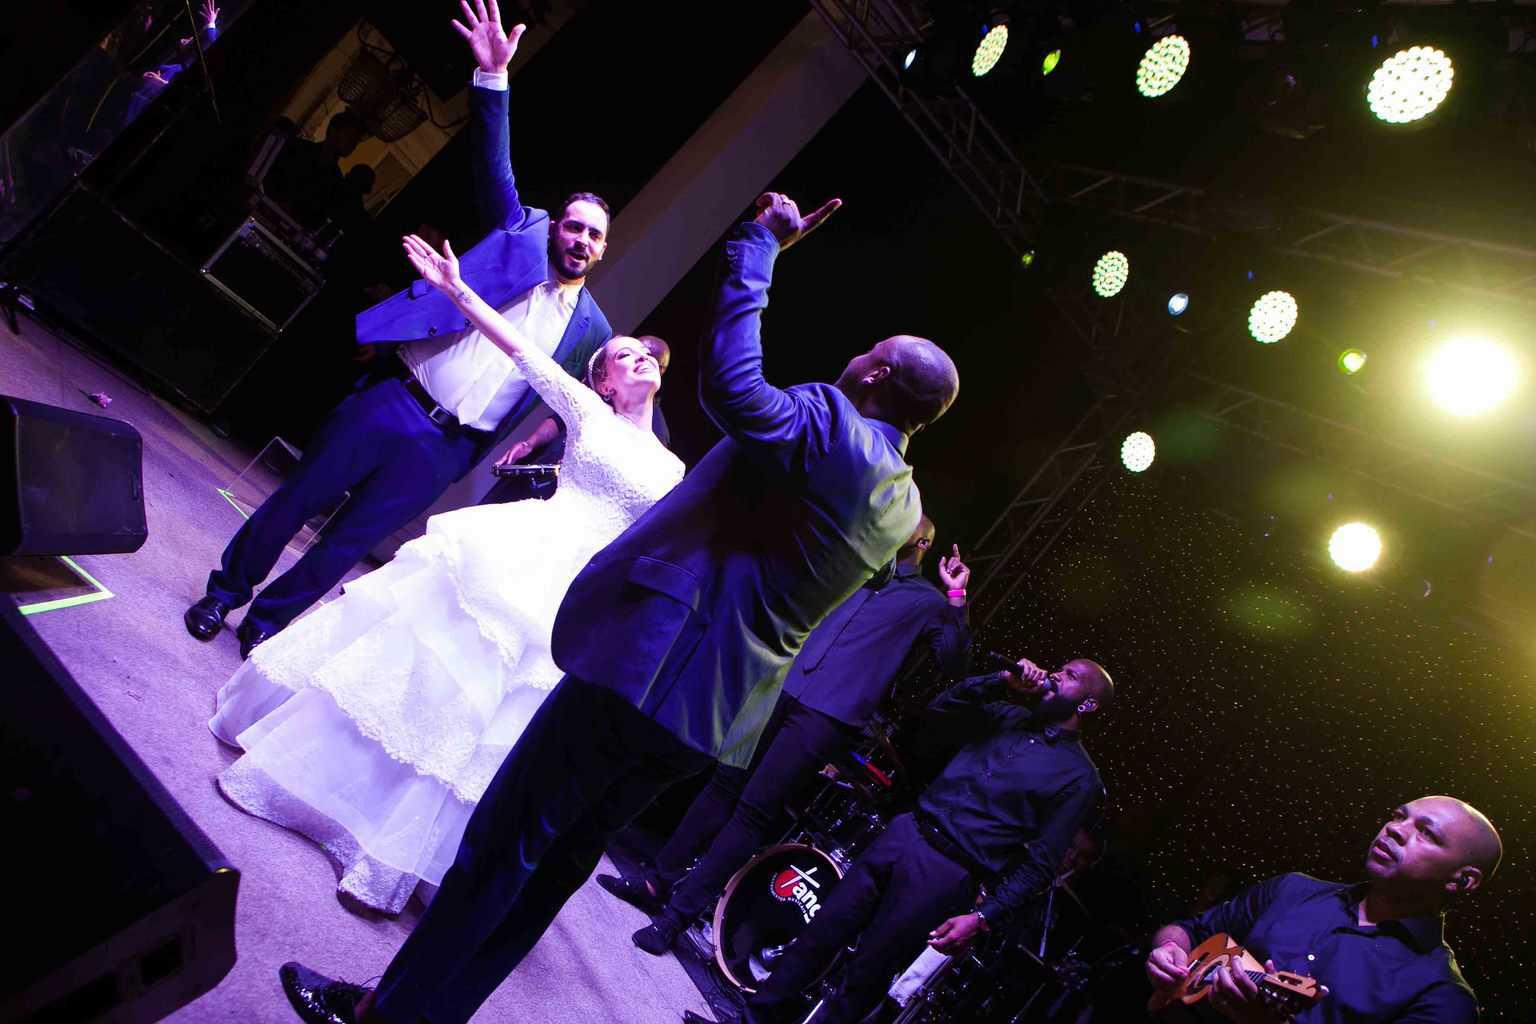 Casamento-Clássico-Casamento-tradicional-Copacabana-Palace-Monica-Roias-Ribas-Foto-e-Vídeo-Thiaguinho-Tuanny-e-Bernardo-CaseMe-11